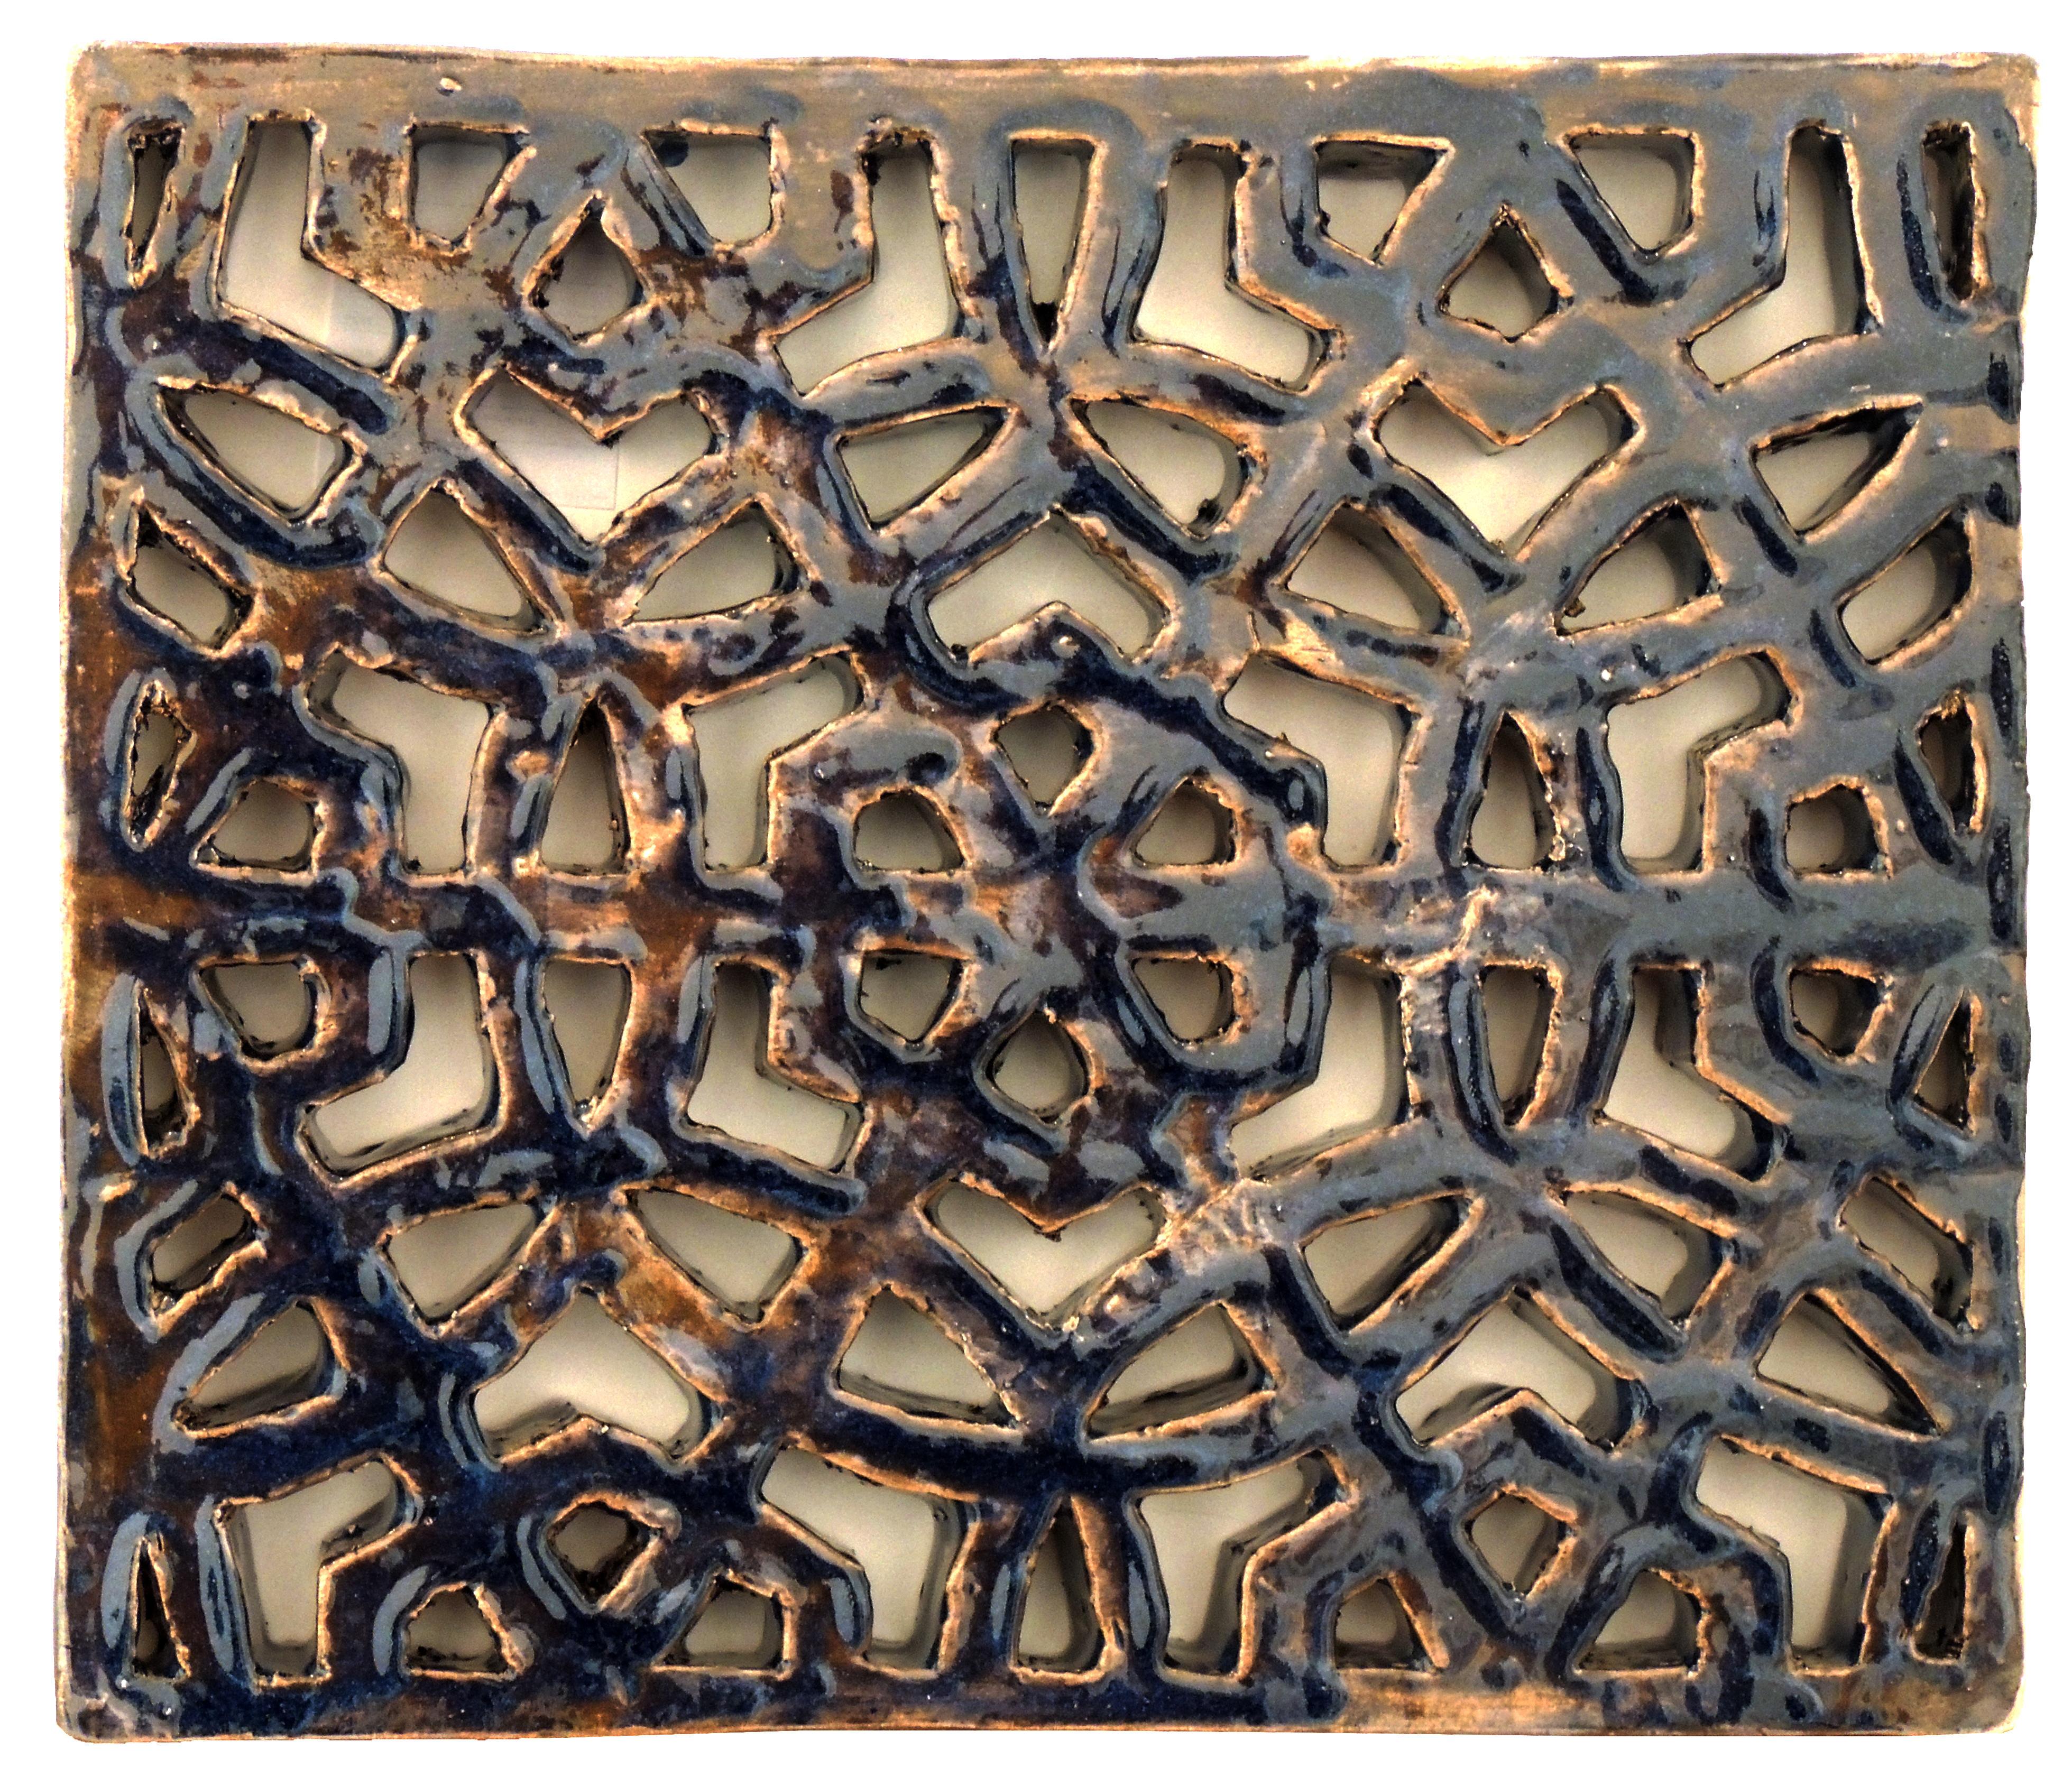 Brian Zimerle | BURLY BARRICADE | Glazed ceramic